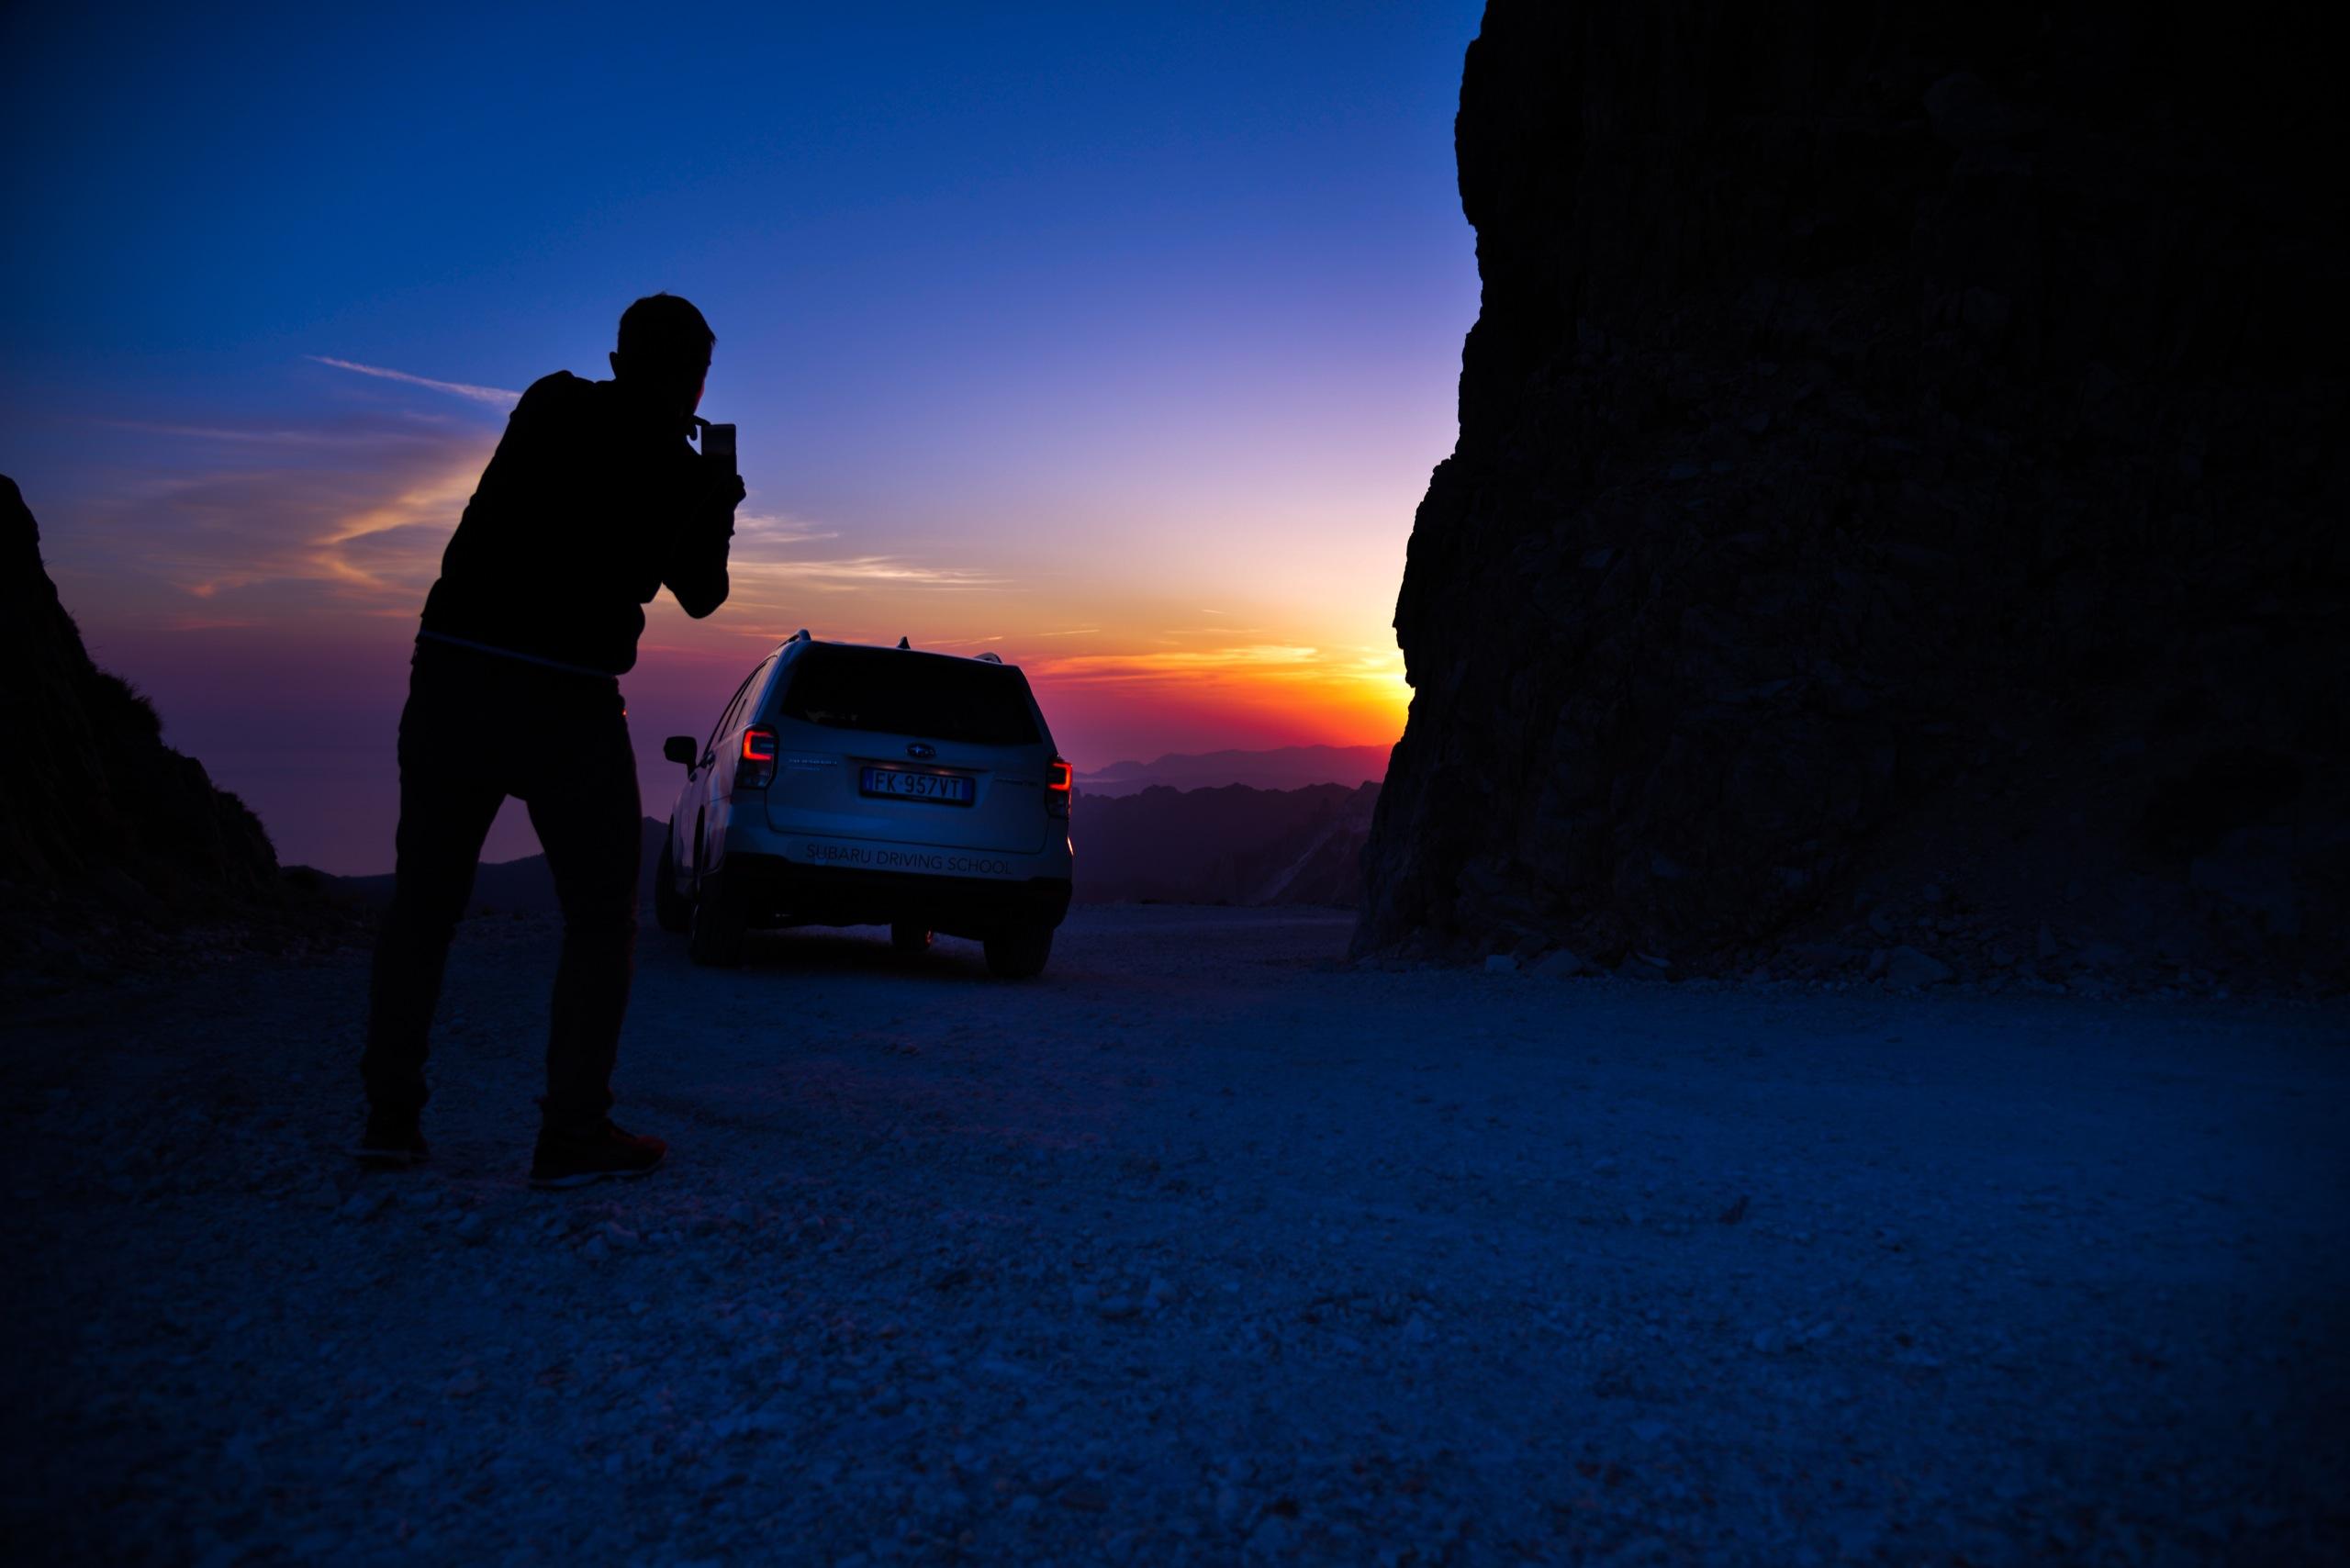 l'ultimo raggio di sole prima del buio - ©lr